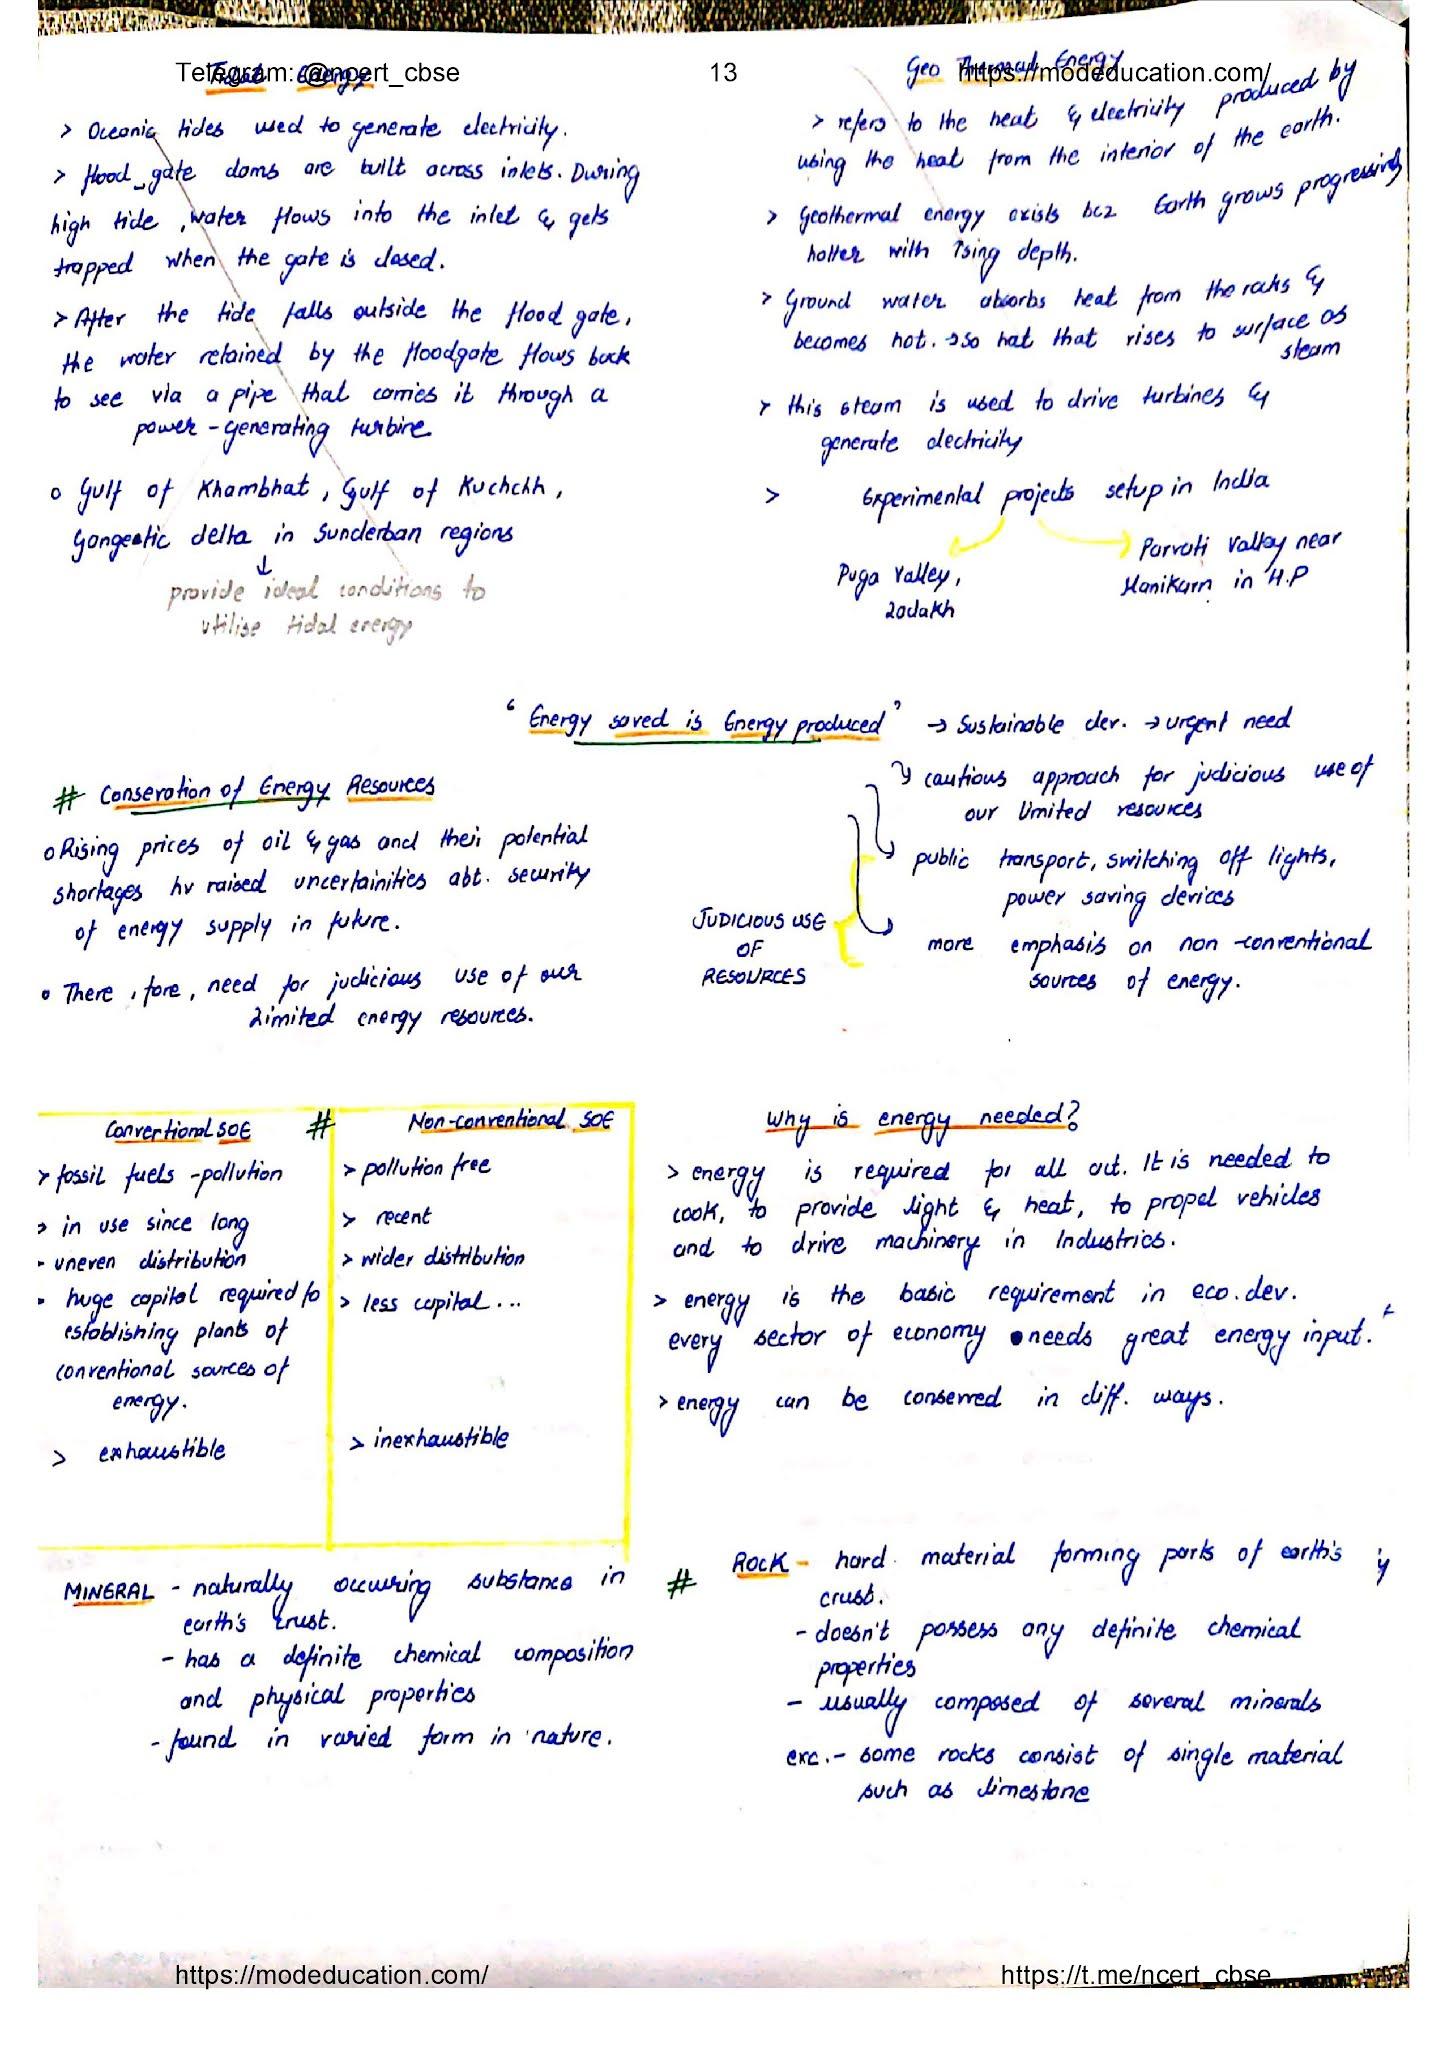 Class 10 Geography Handwritten Notes, class 10 geography chapter 6 handwritten notes